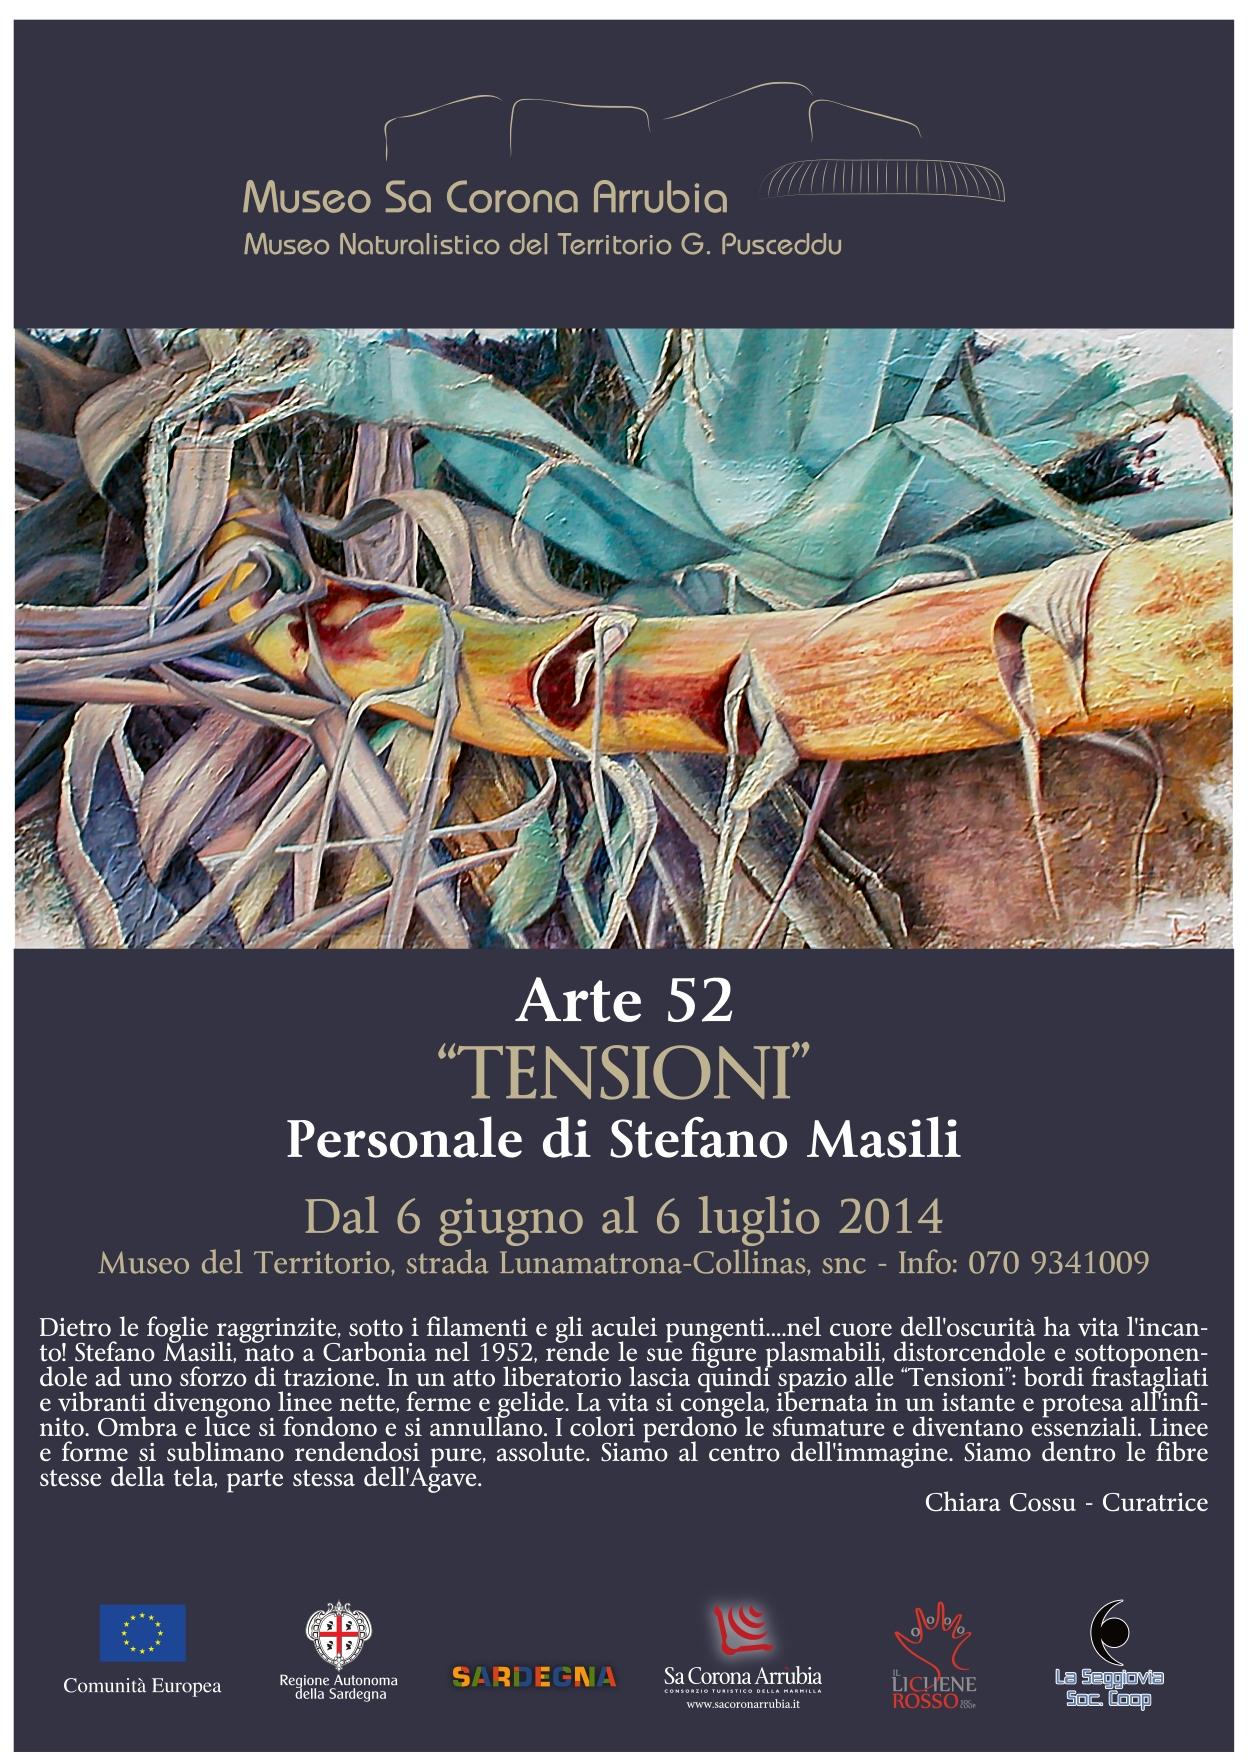 """Arte52 """"TENSIONI"""" Personale di Stefano Masili Dal 6 giugno al 6 luglio 2014 Museo naturalistico del territorio """"G. Pusceddu"""" Strada Lunamatrona-Collinas"""